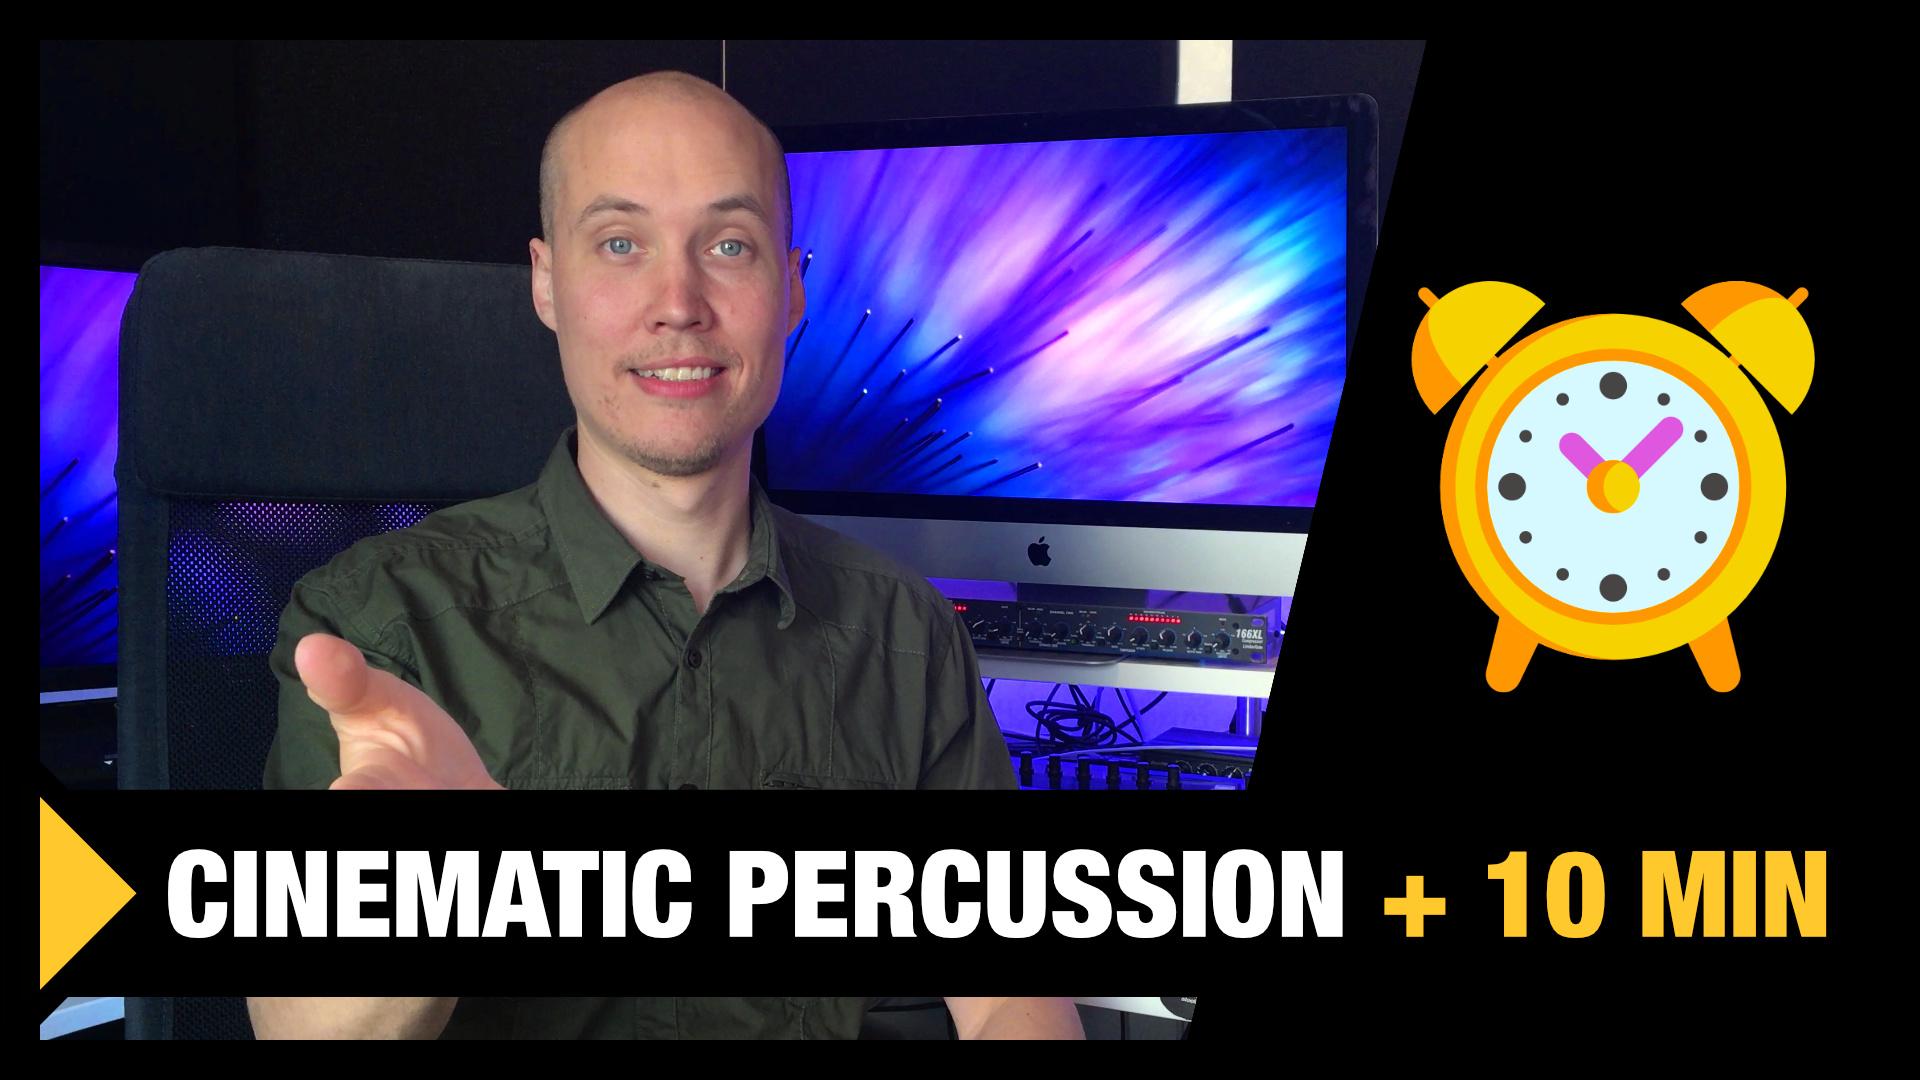 Cinematic Percussion in 10 min